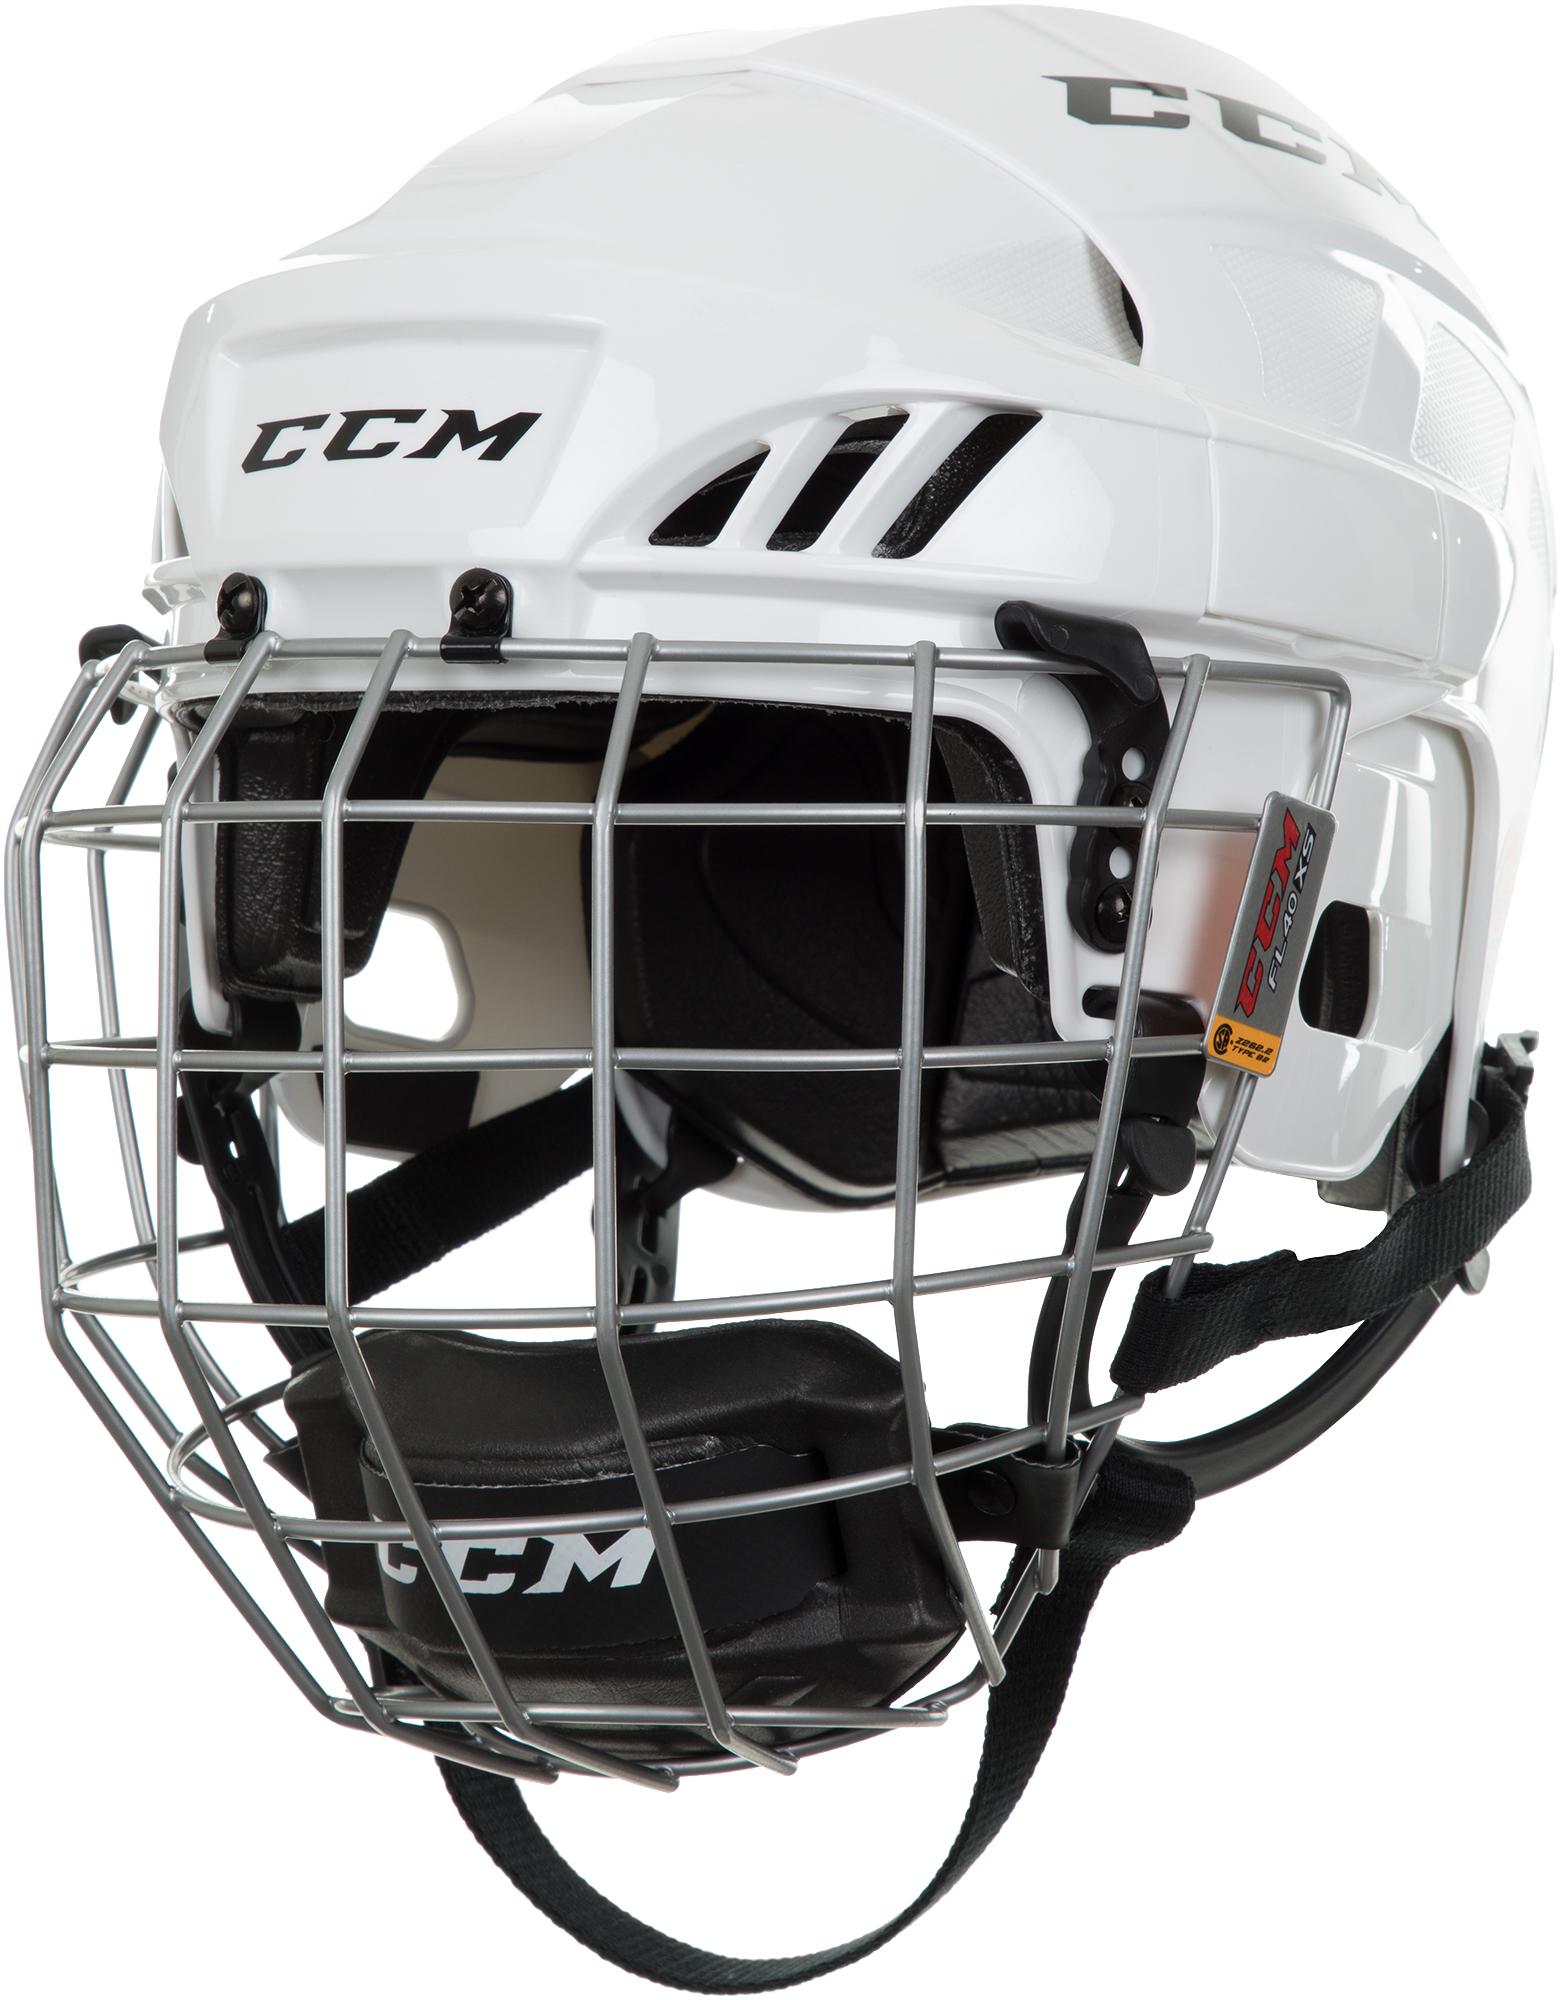 купить CCM Шлем хоккейный детский CCM HTC FITLITE 40 онлайн